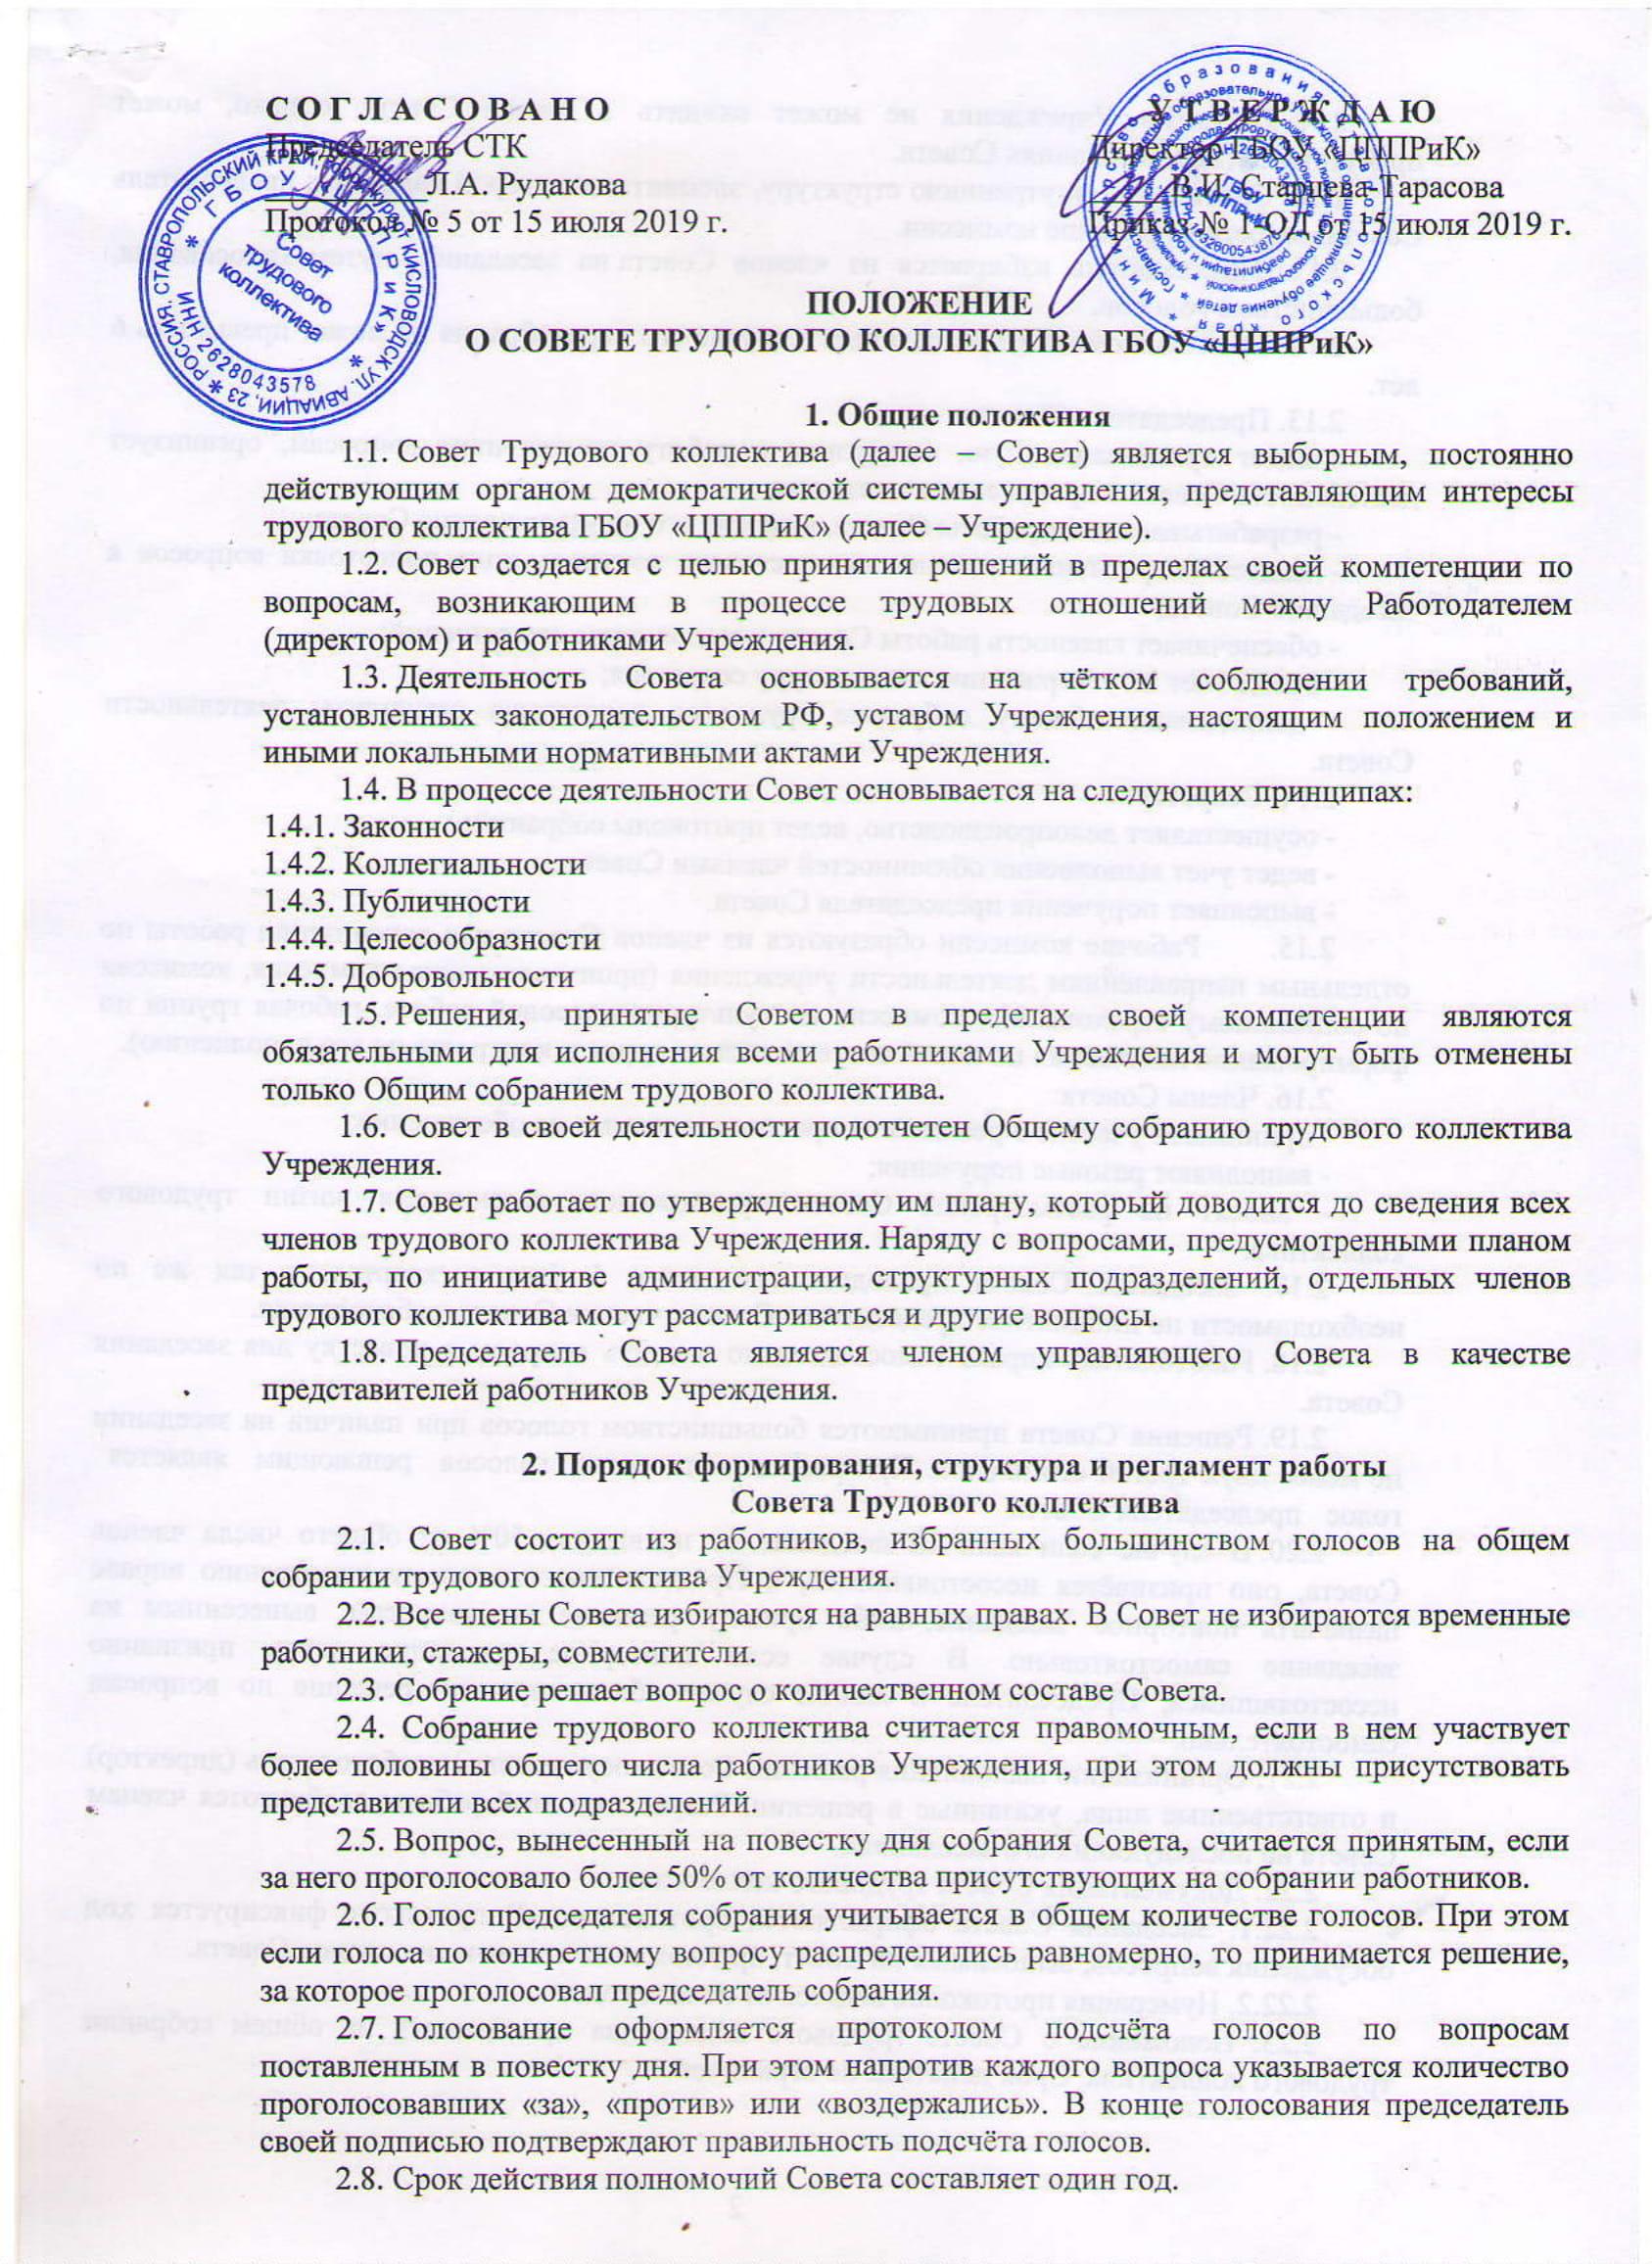 Положение о совете трудового коллектива-1